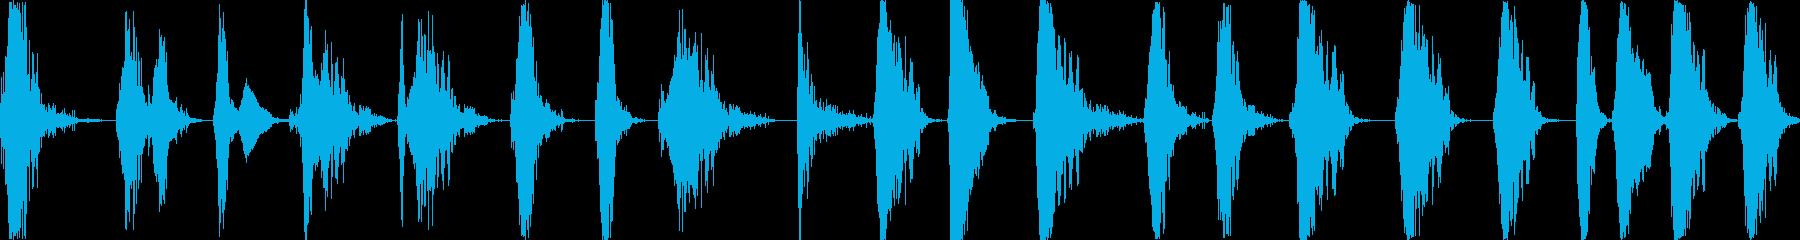 落雷と雷撃、電気放電スイーツ、さま...の再生済みの波形